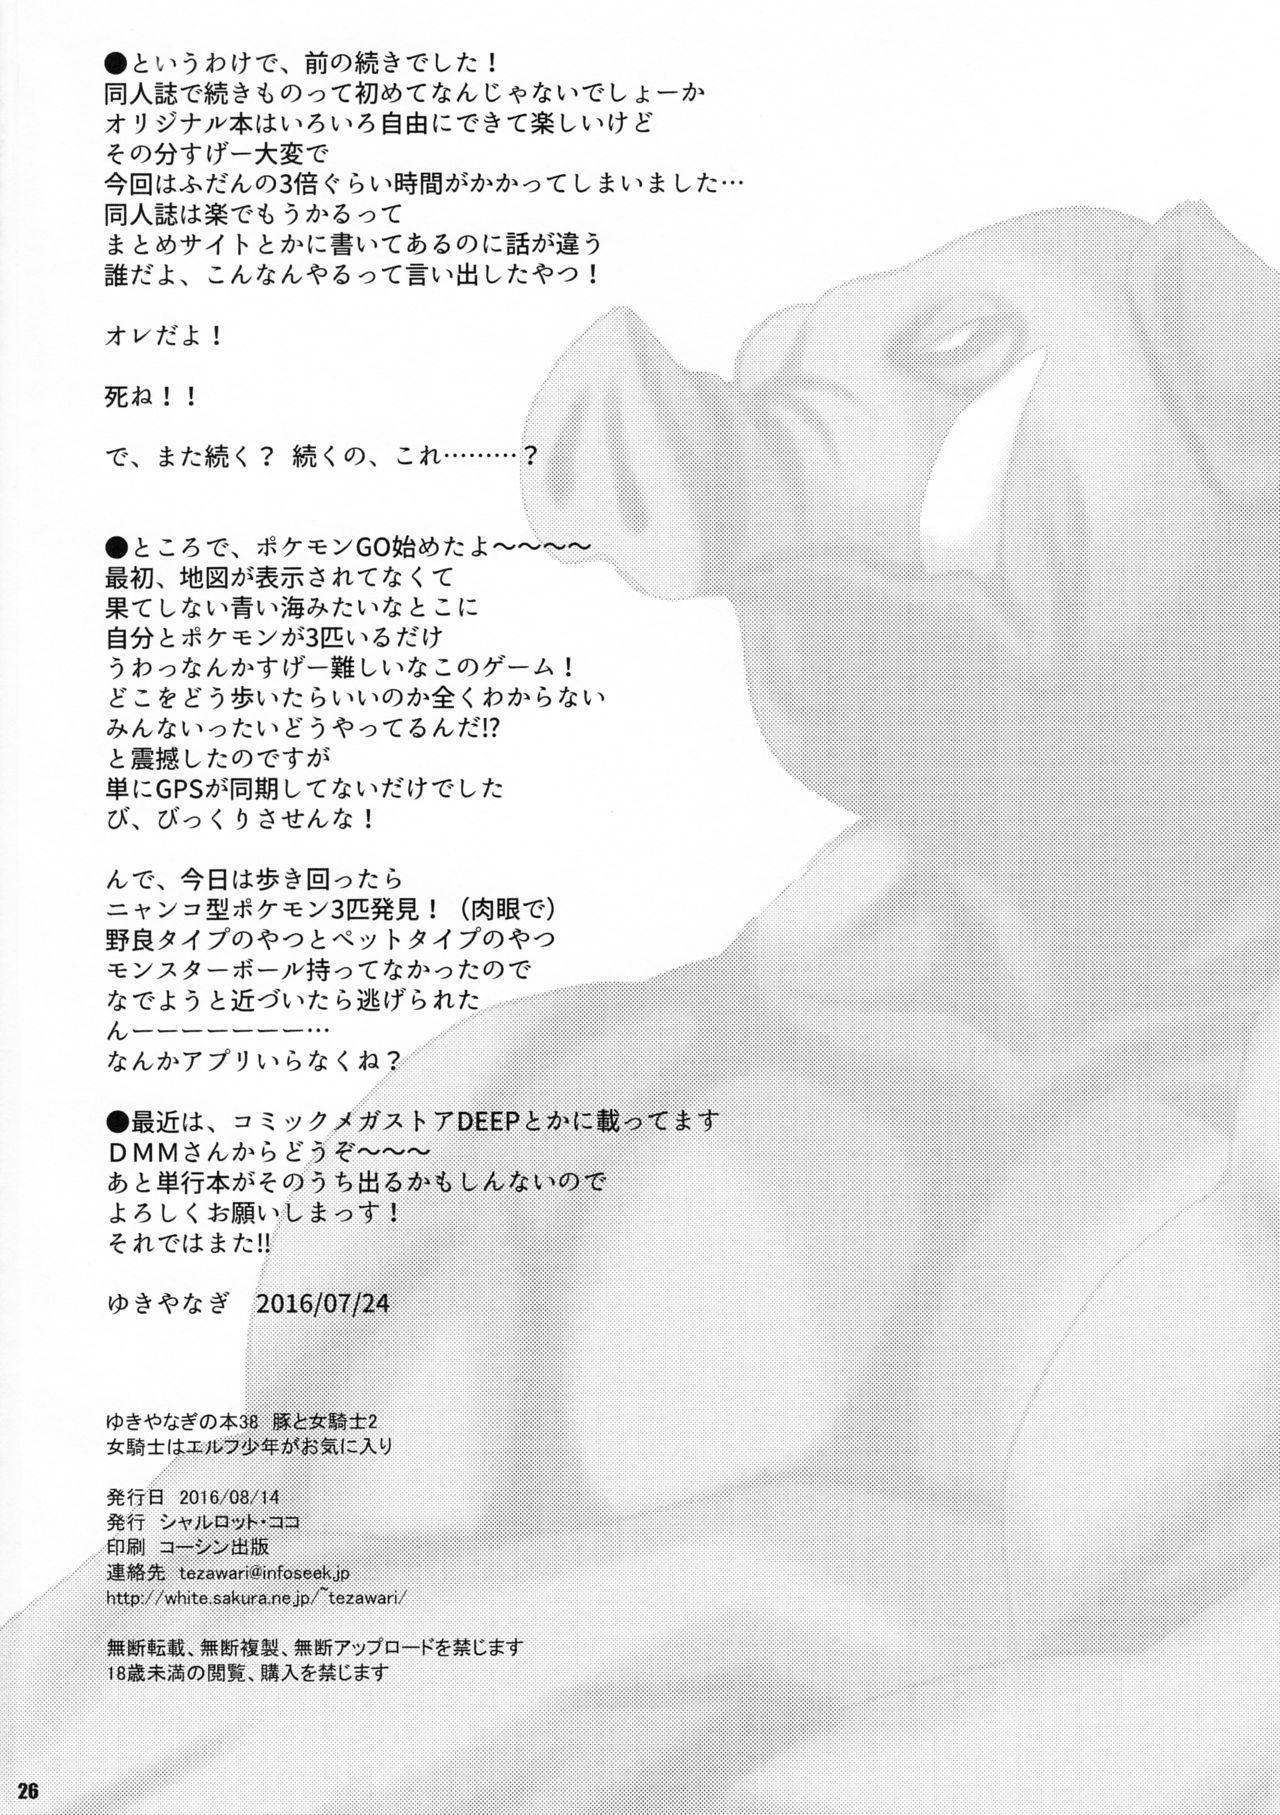 Yukiyanagi no Hon 38 Buta to Onnakishi 2 - Onnakishi wa Elf Shounen ga Okiniiri 24